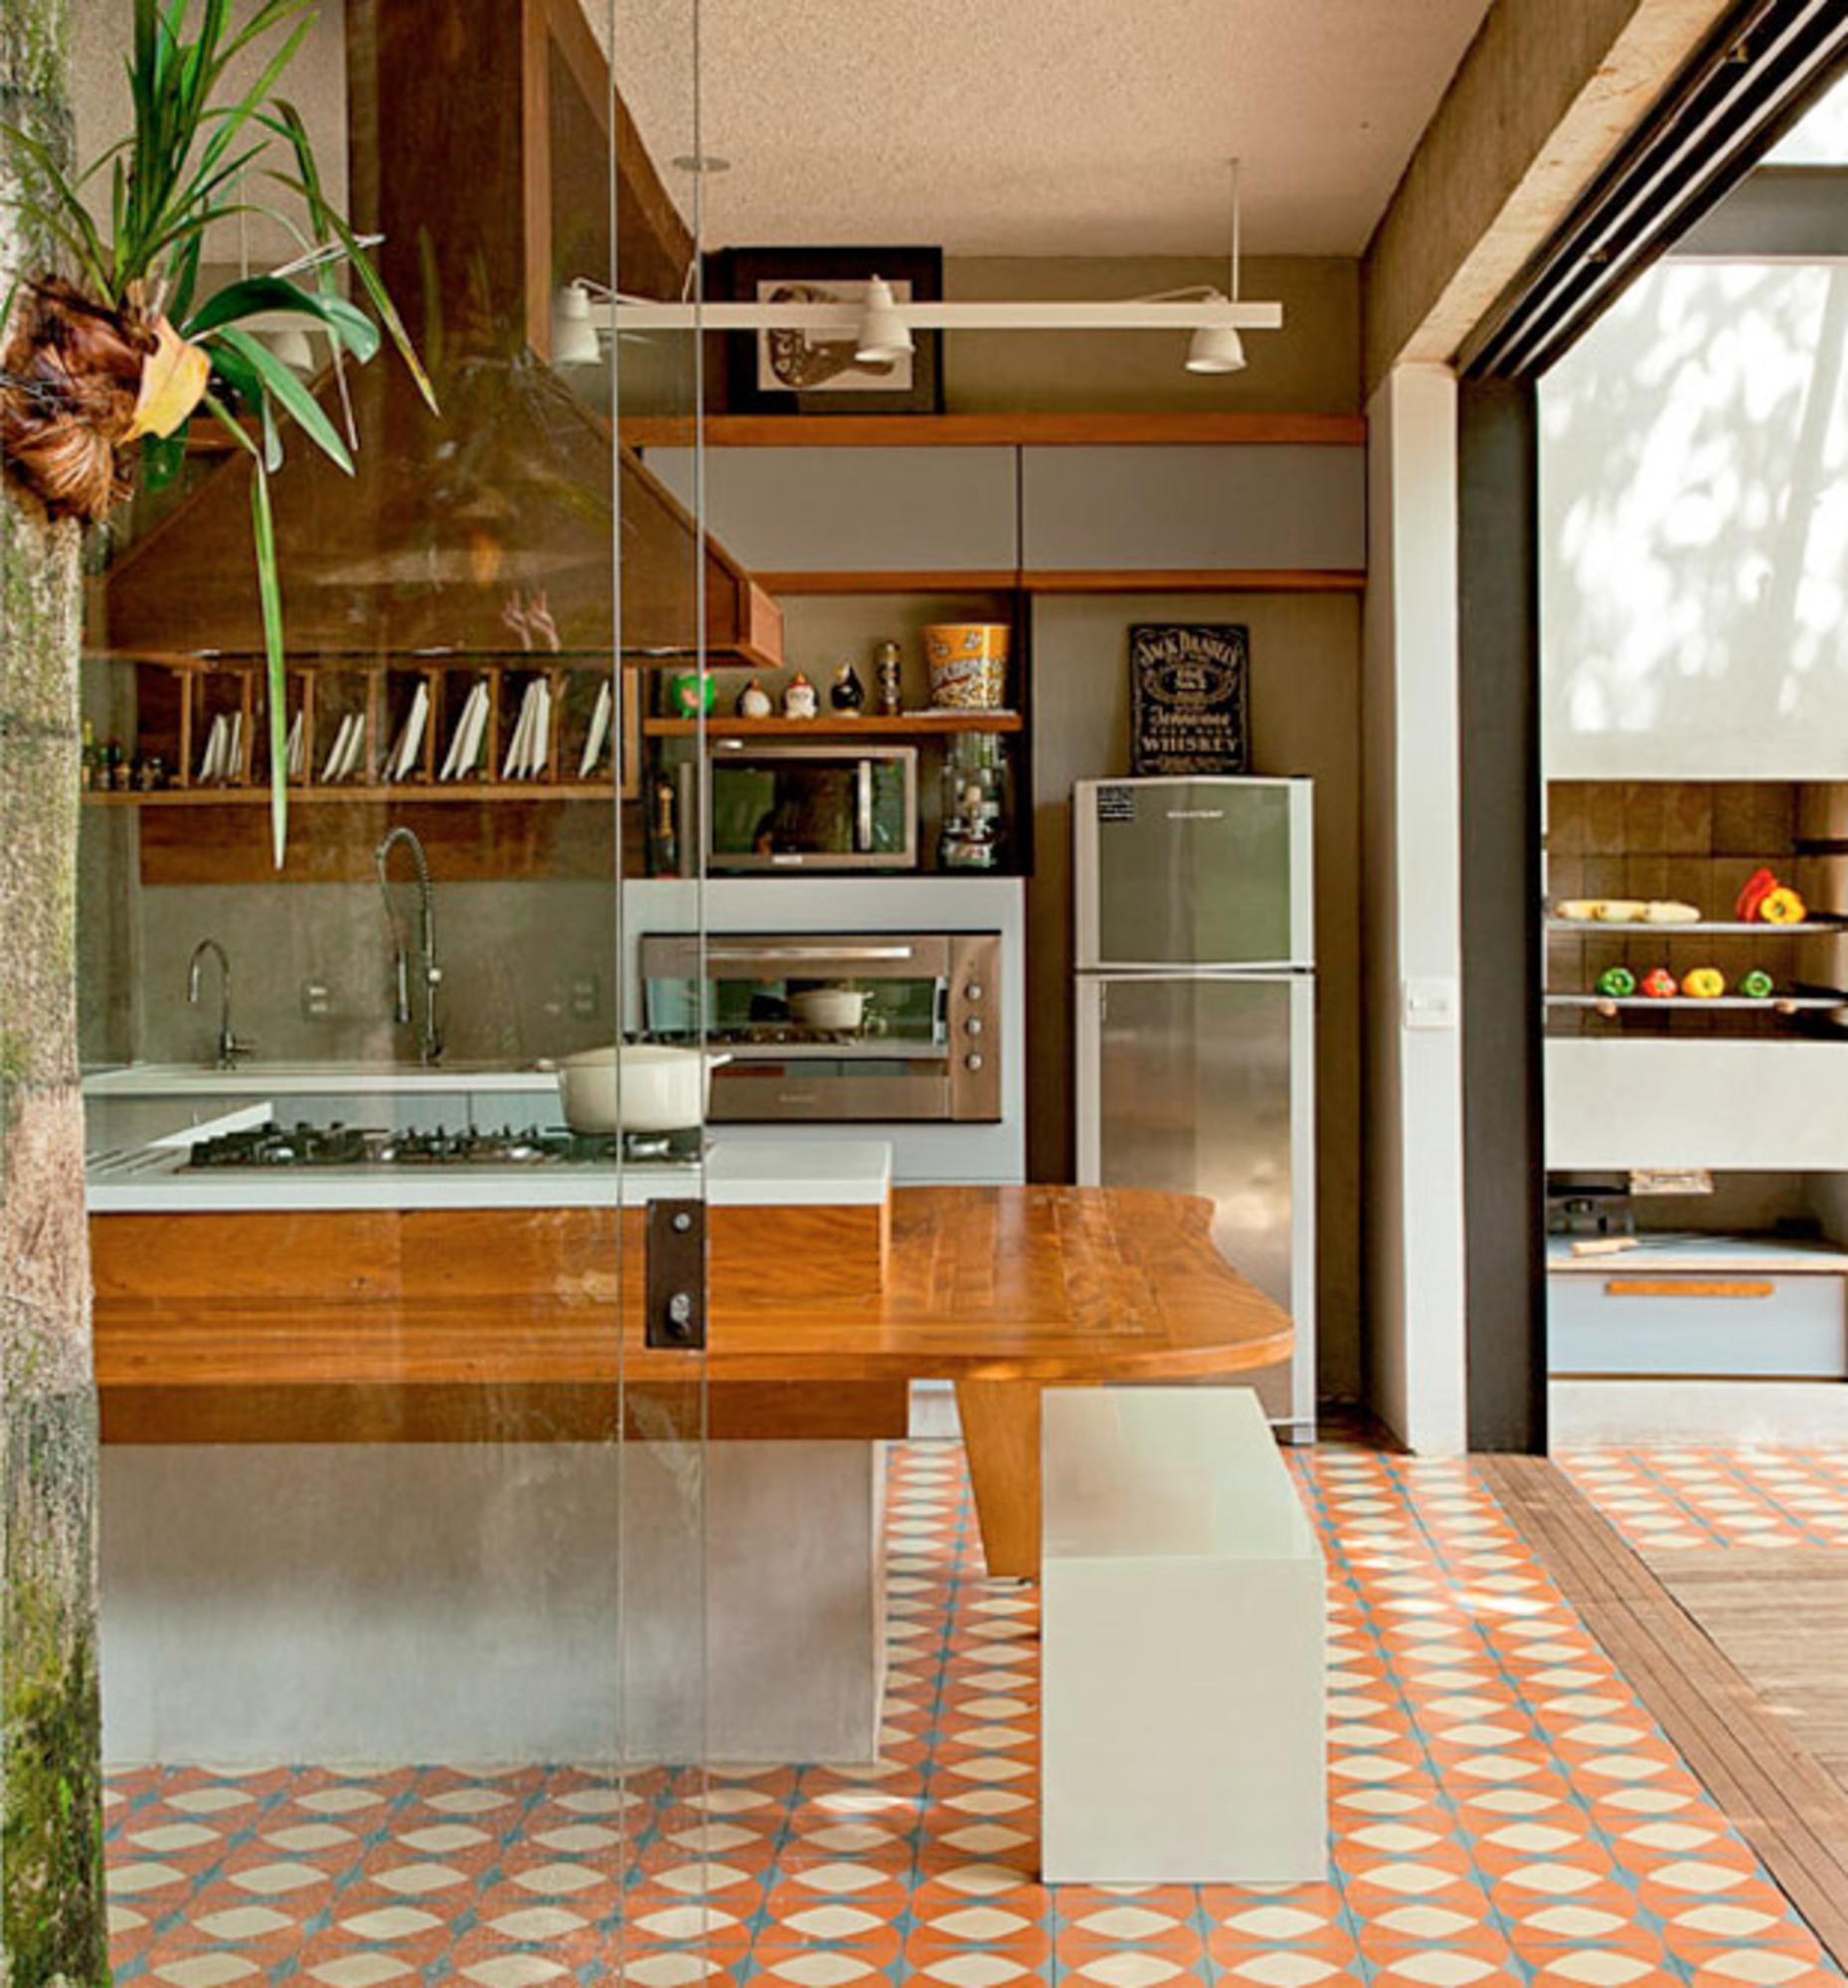 LADRILHOS HIDRÁULICOS UMA PAIXÃO Casa de Valentina #6C4216 1859x2000 Banheiro Com Piso Hidraulico